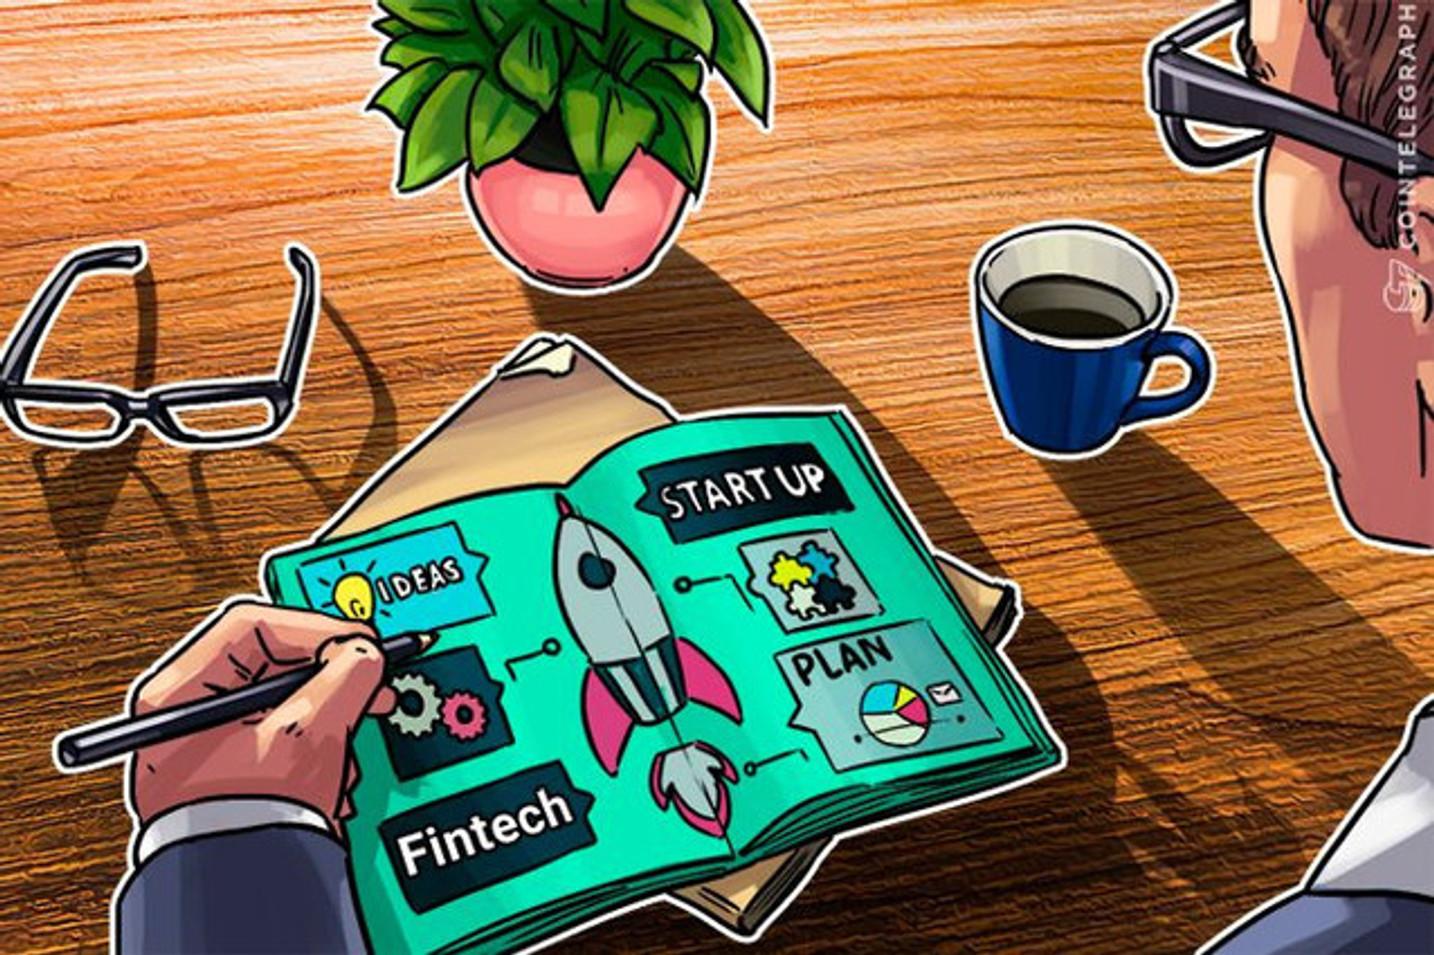 Fintech Akiba se prepara para ingresar al mercado en Perú